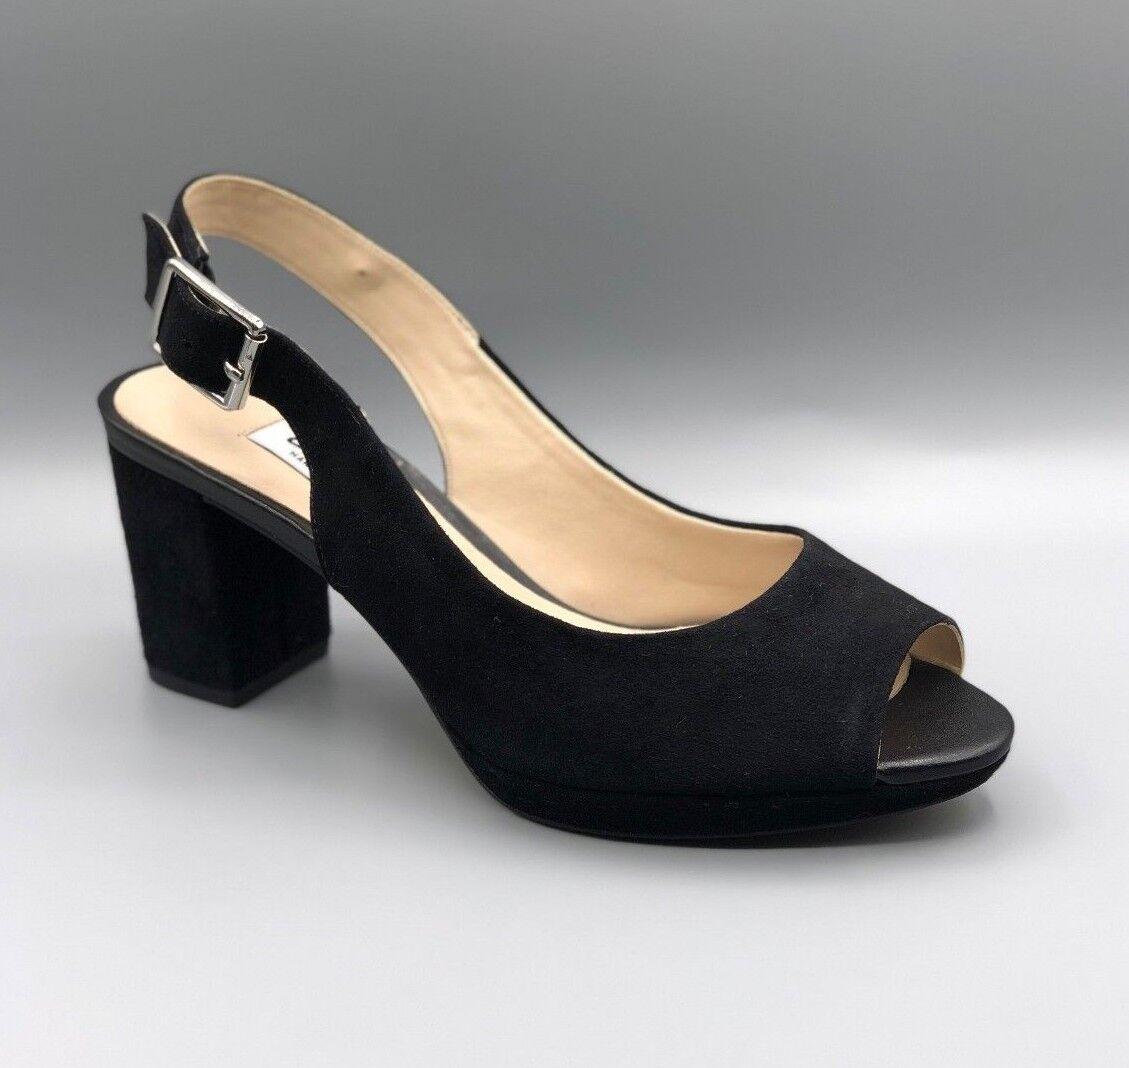 Kelda Spring Suede Heeled Sandals D Black Clarks New 5 Ladies 4 Uk CrdxeBo